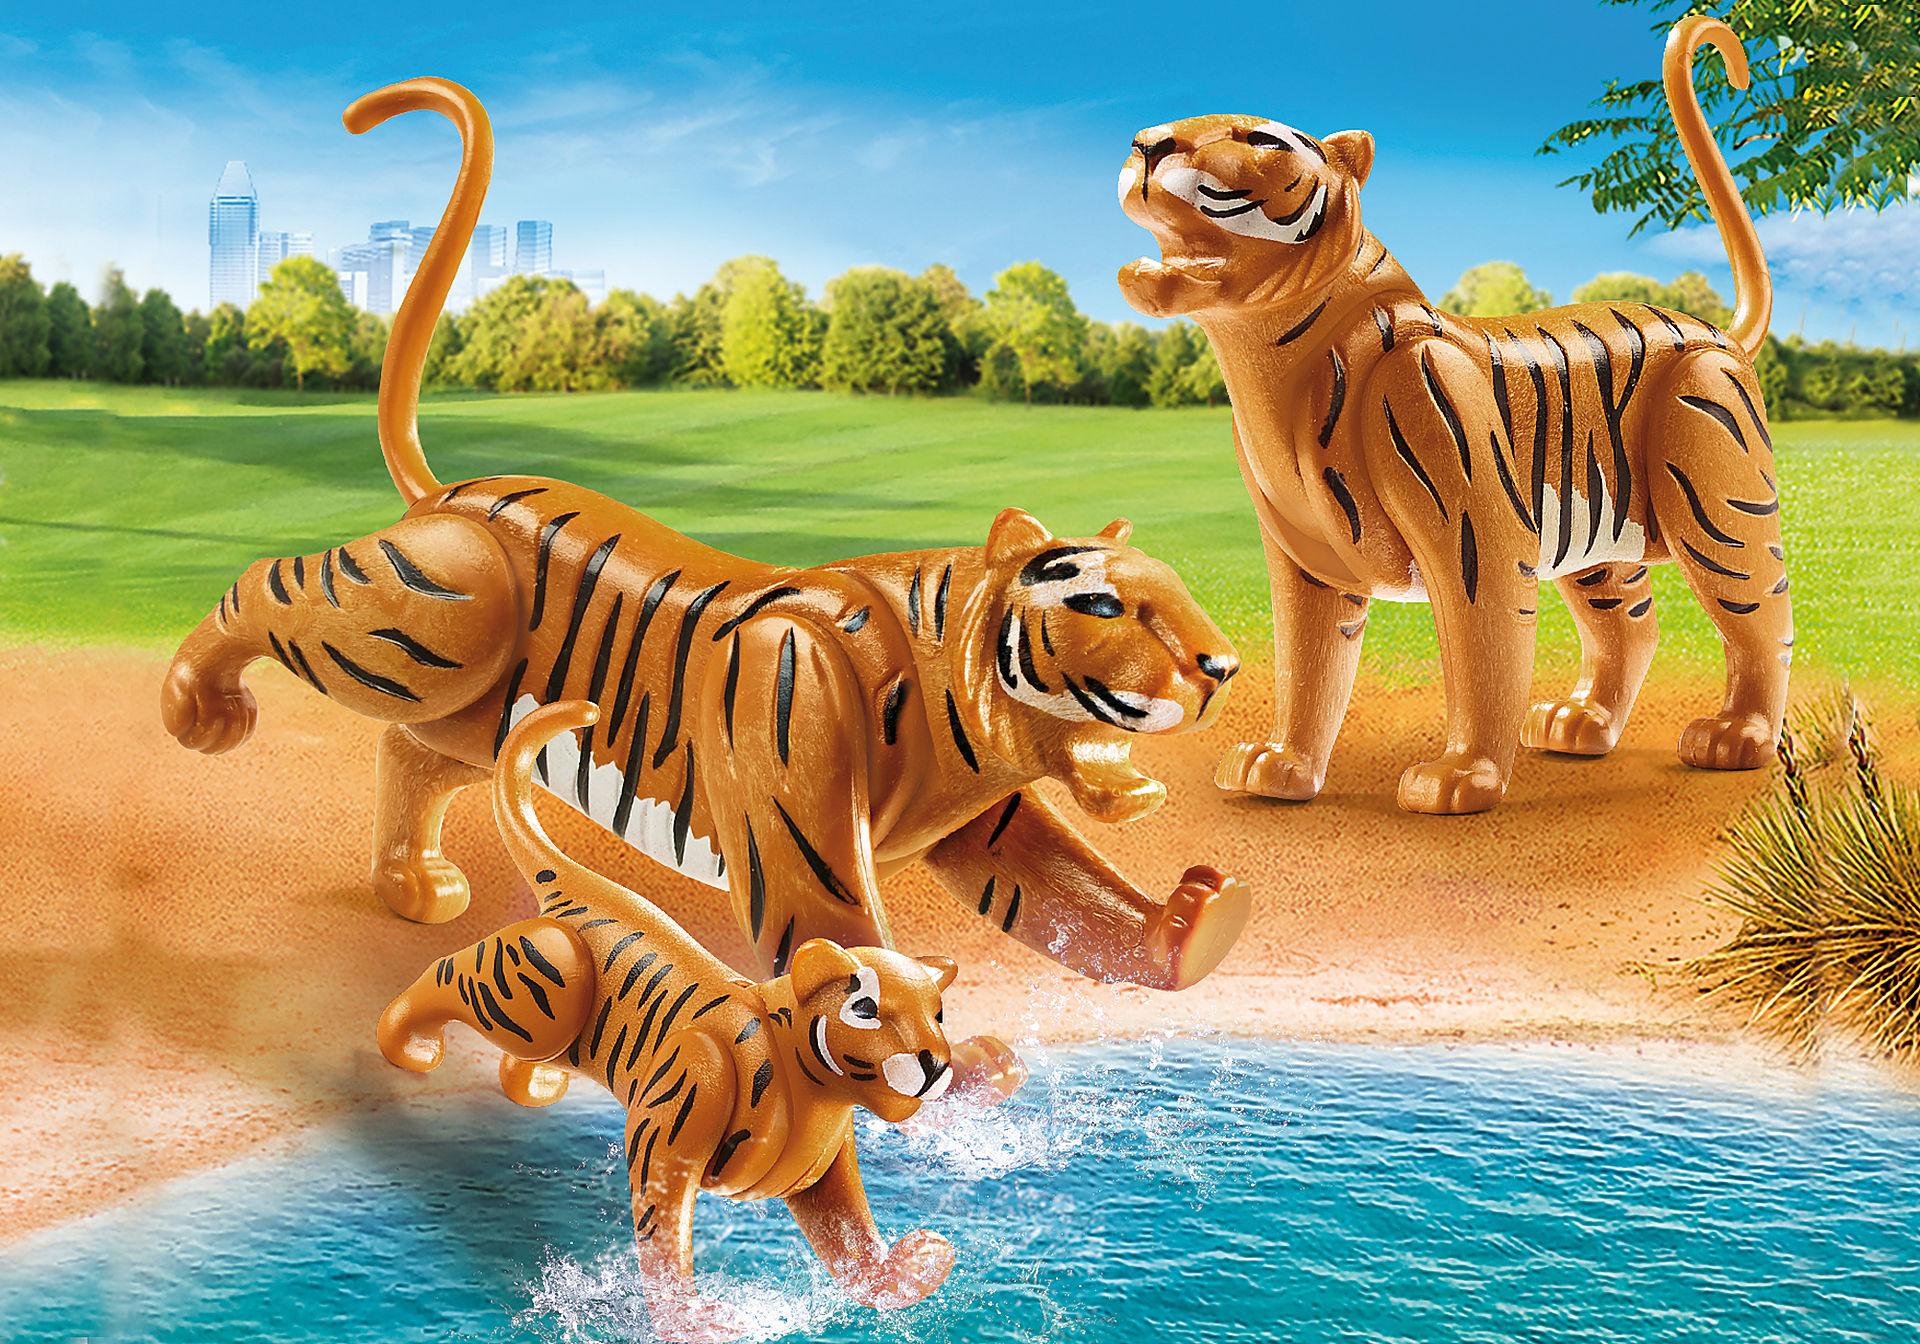 70359 Famiglia di Tigri zoom image1